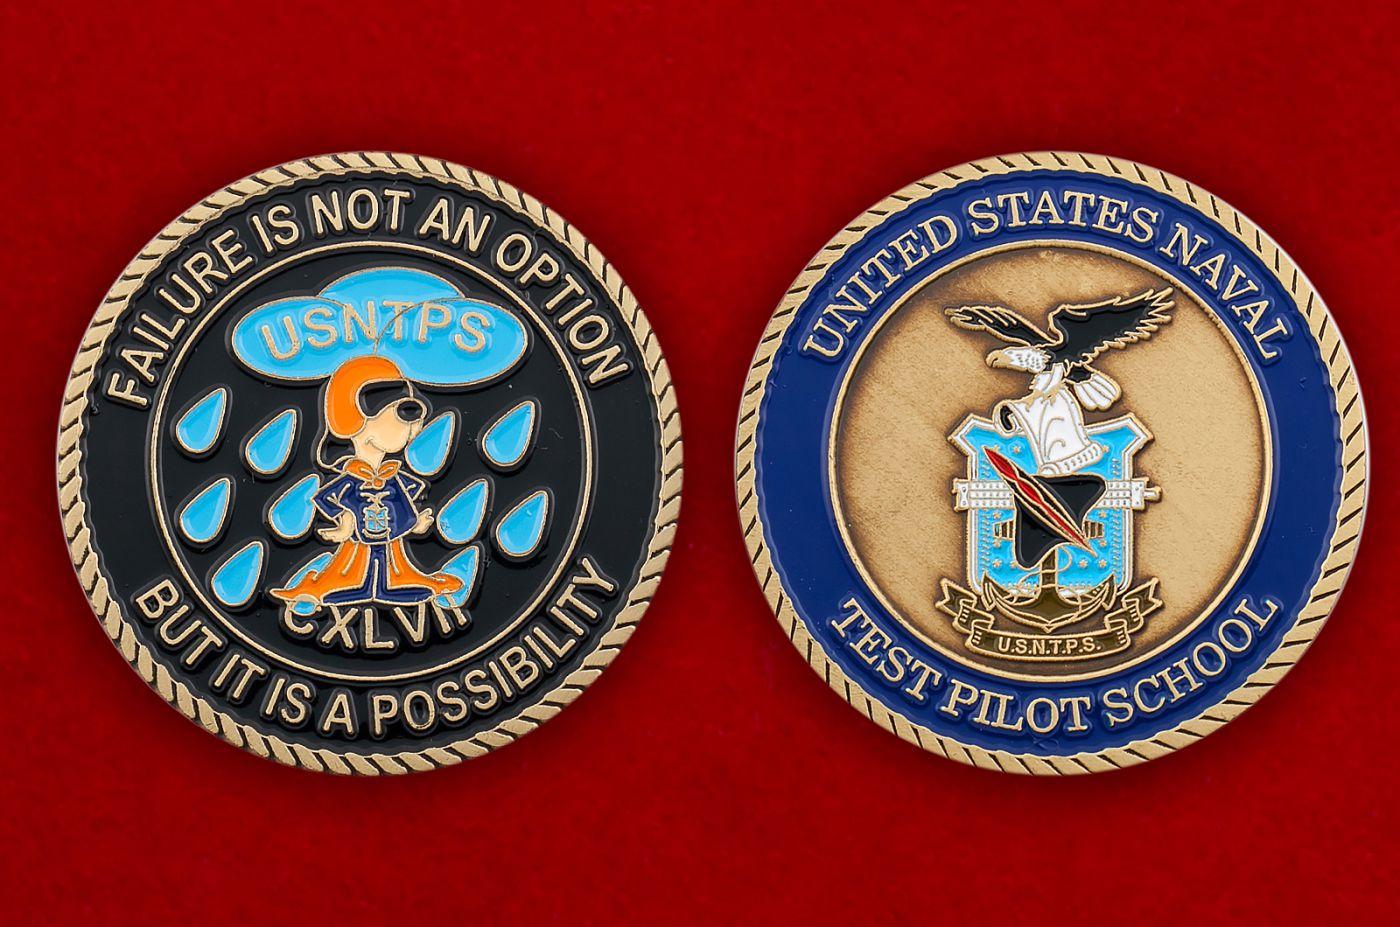 Челлендж коин школы летчиков-испытателей ВМС США - аверс и реверс